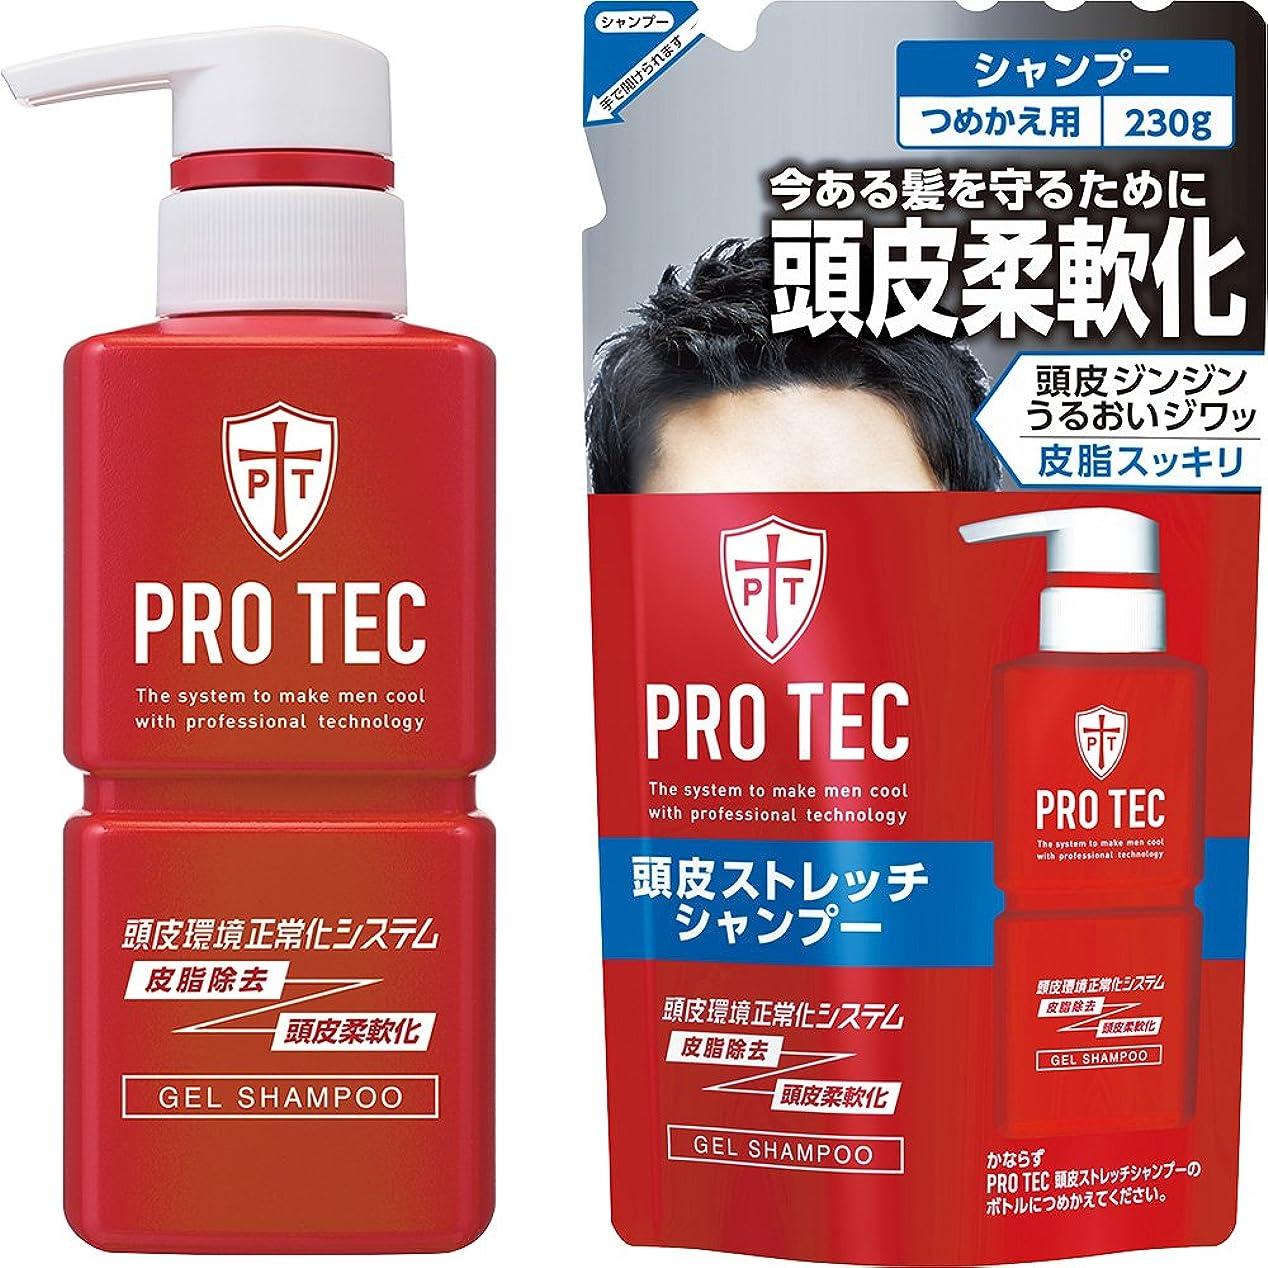 サイレントとにかく蛾PRO TEC(プロテク) 頭皮ストレッチシャンプー 本体ポンプ300g+詰め替え230g セット(医薬部外品)